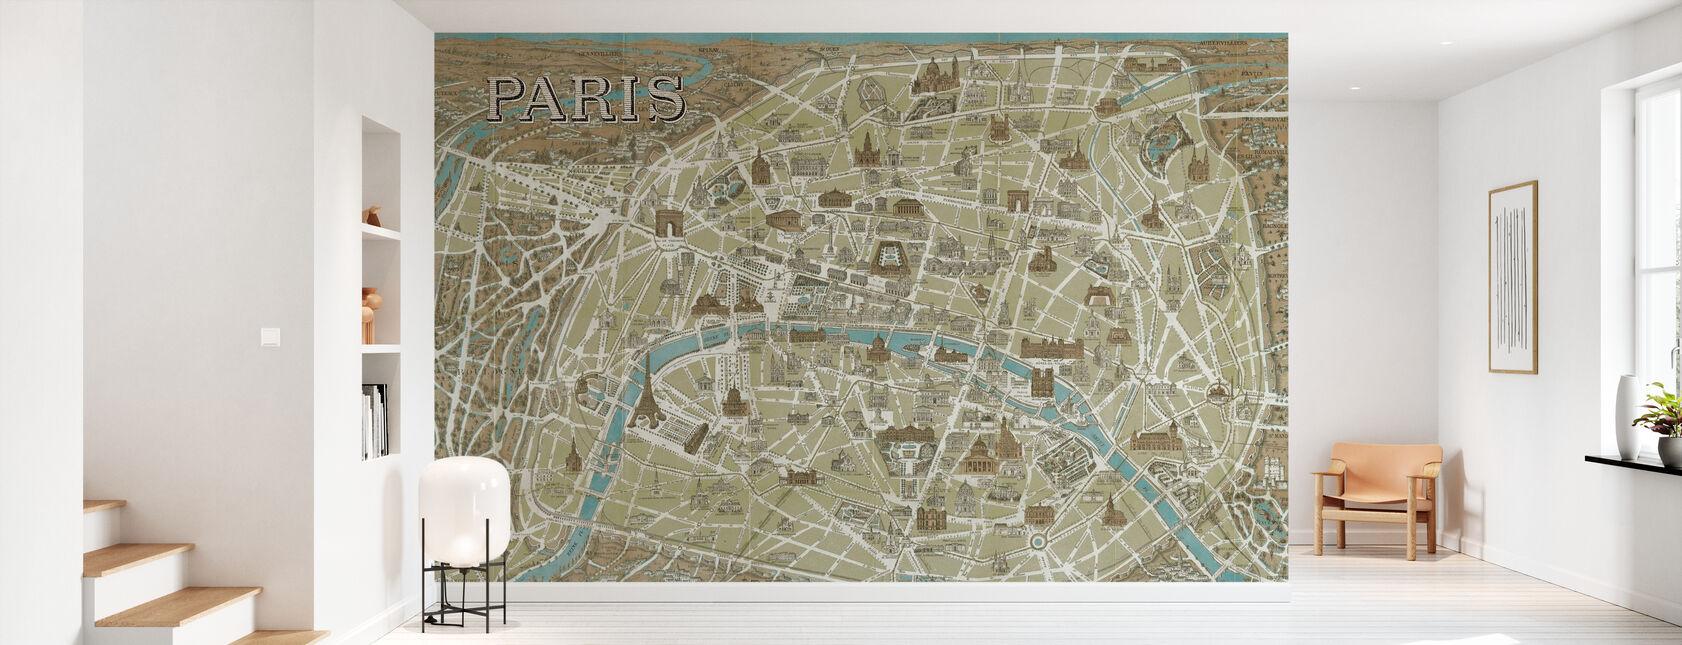 Monuments of Paris Map Blue - Wallpaper - Hallway